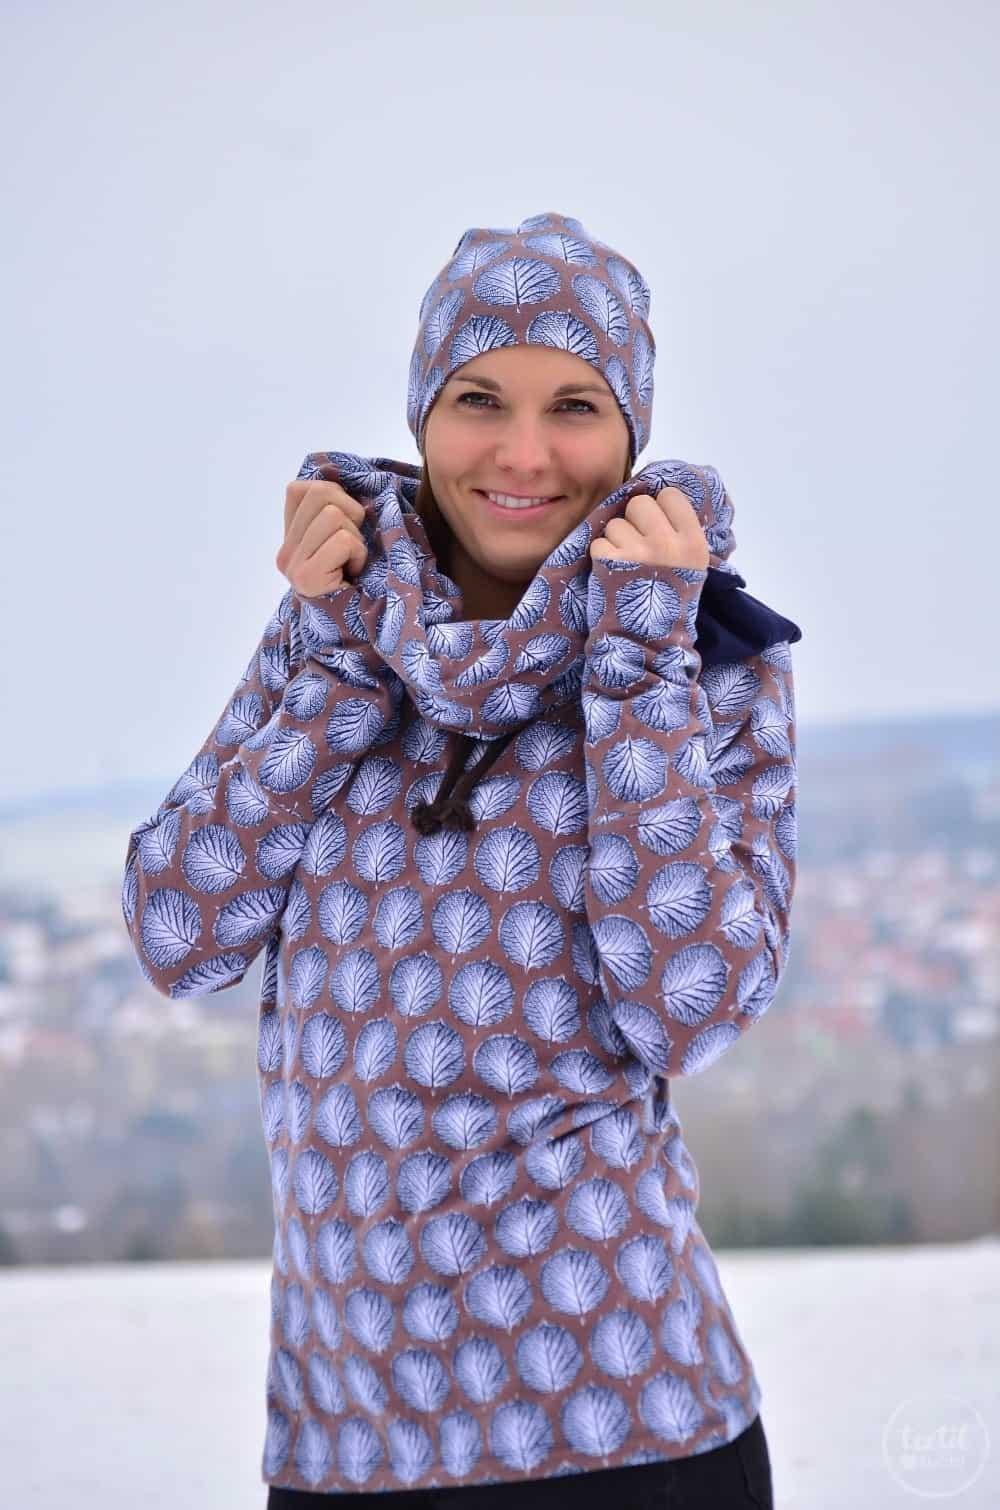 Mein neues selbstgenähtes Wintershirt: Lillestoff Winterblatt trifft auch Frau Madita - Bild 3 | textilsucht.de